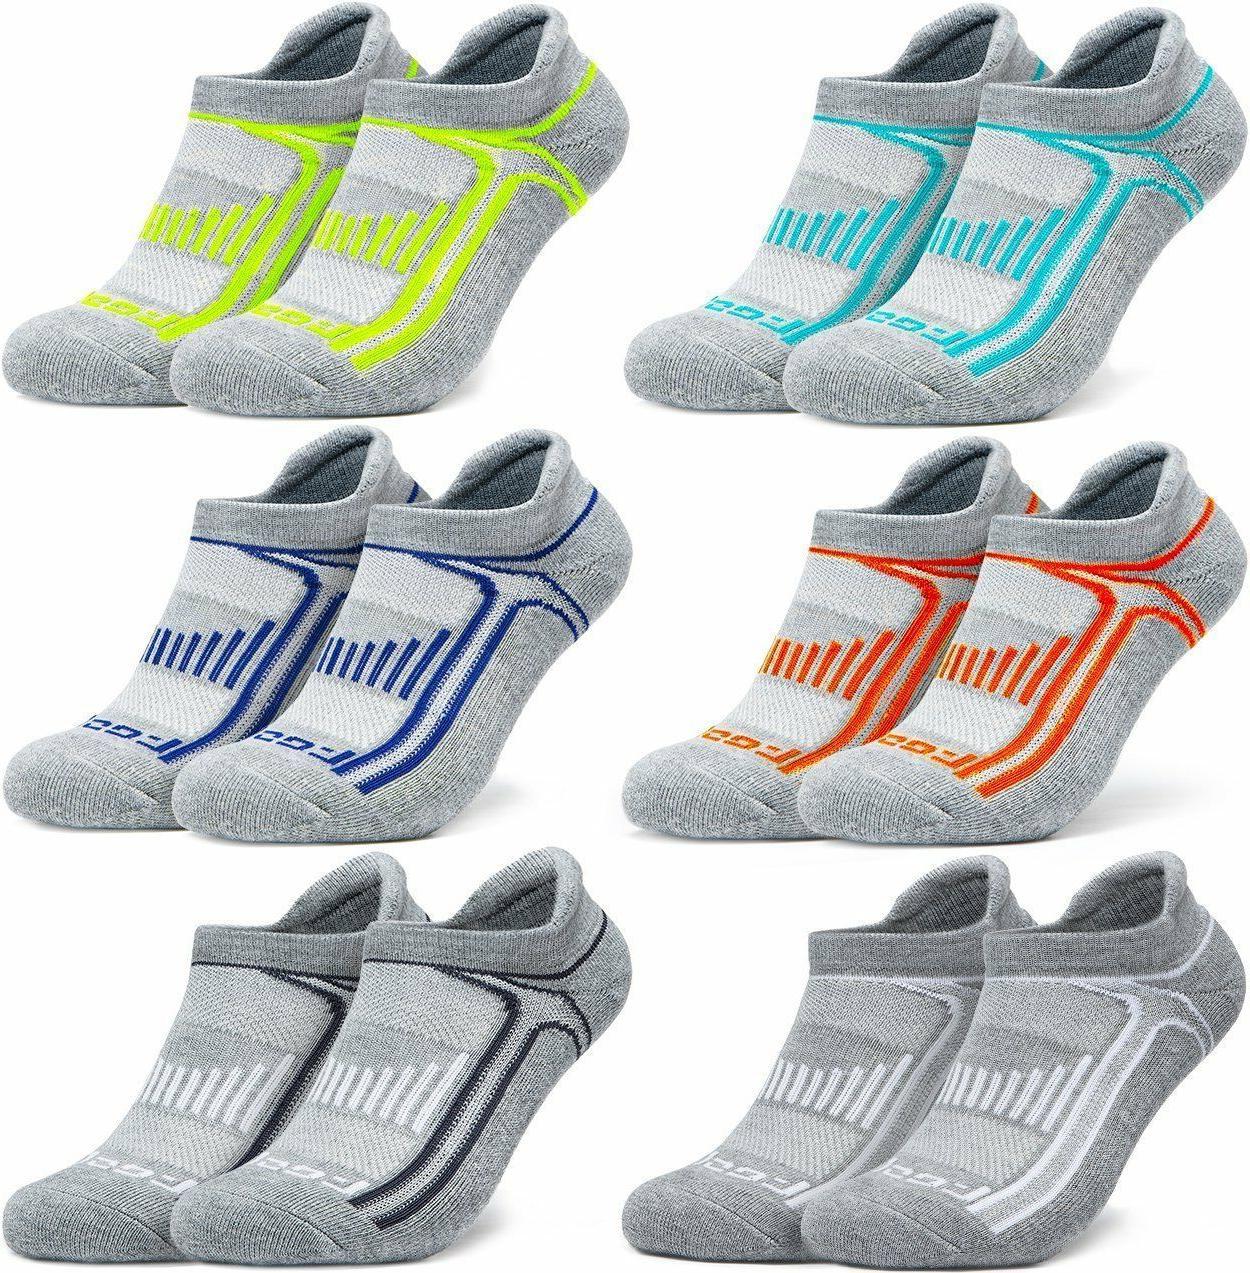 gray medium mens socks athletic running no